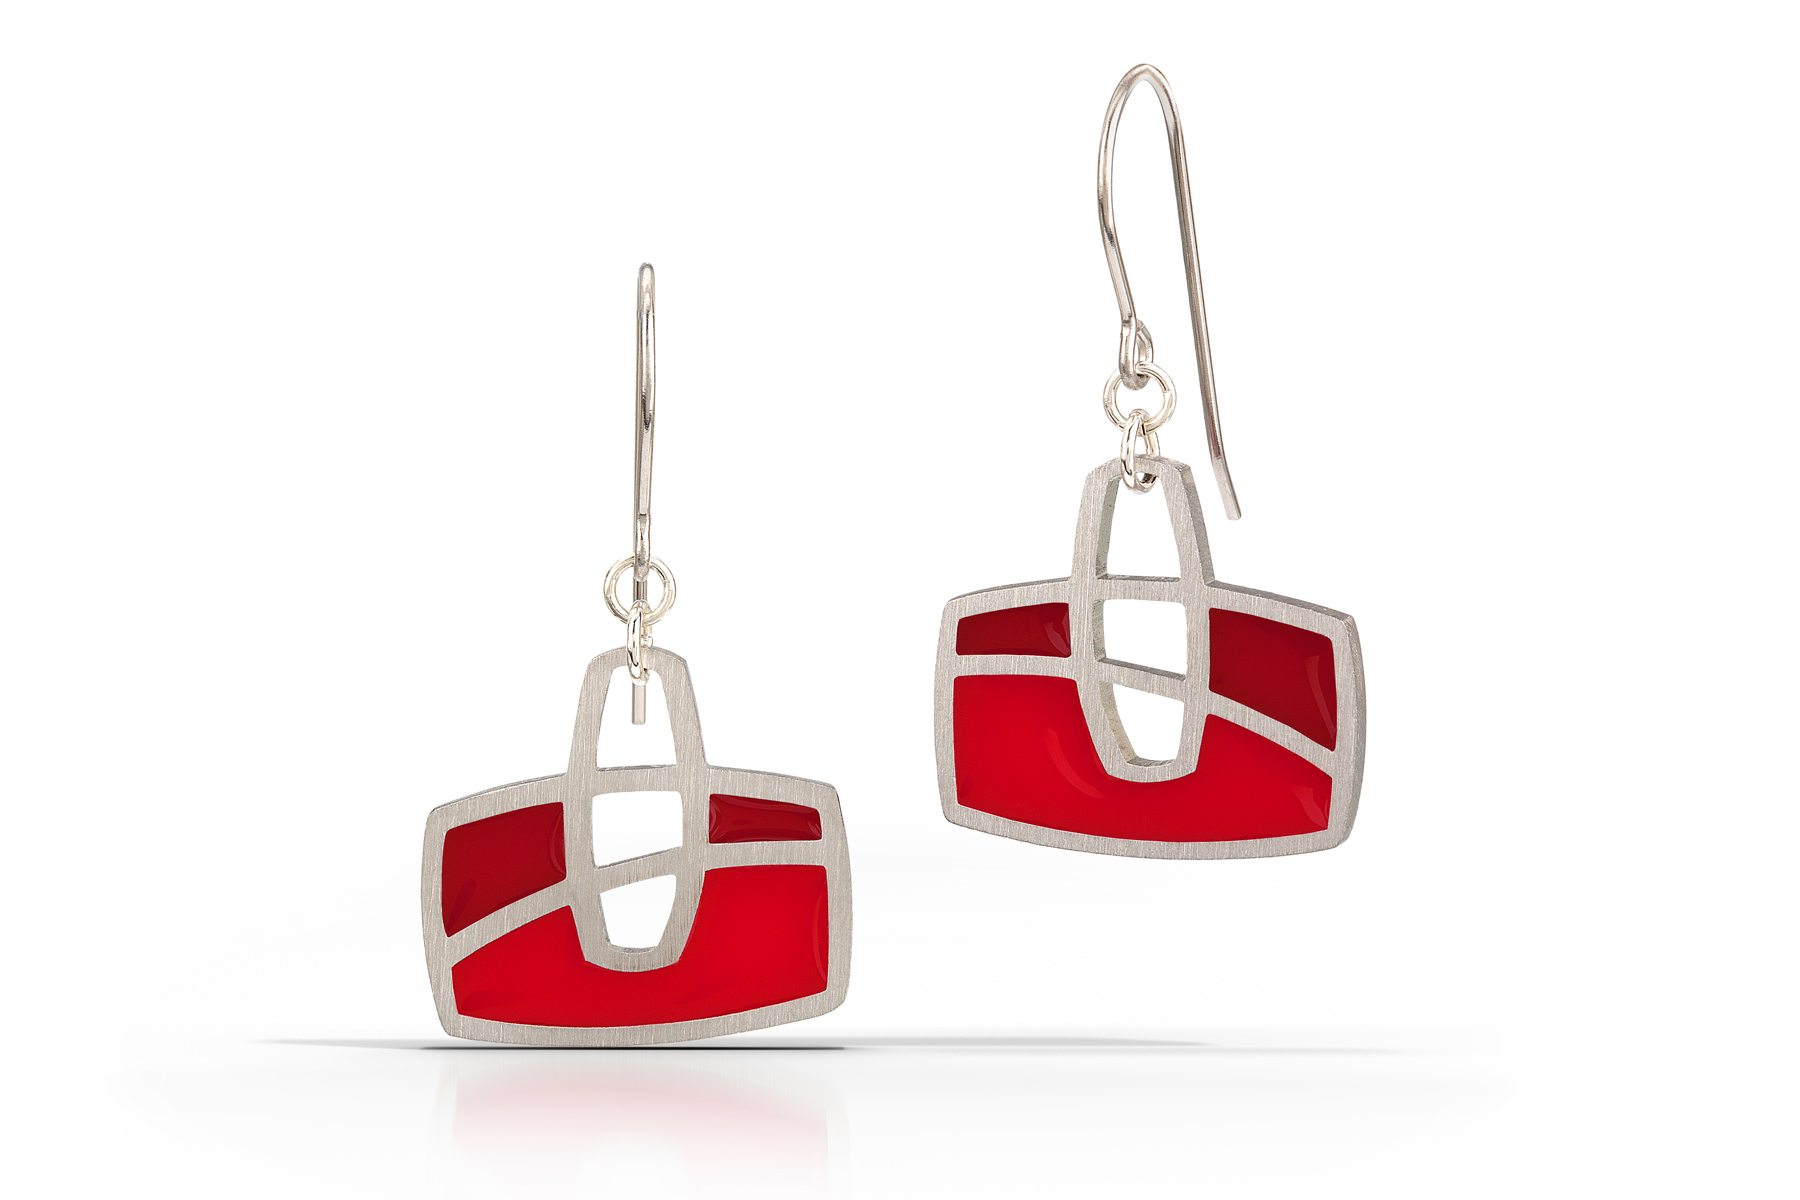 frames earrings with resin.jpg